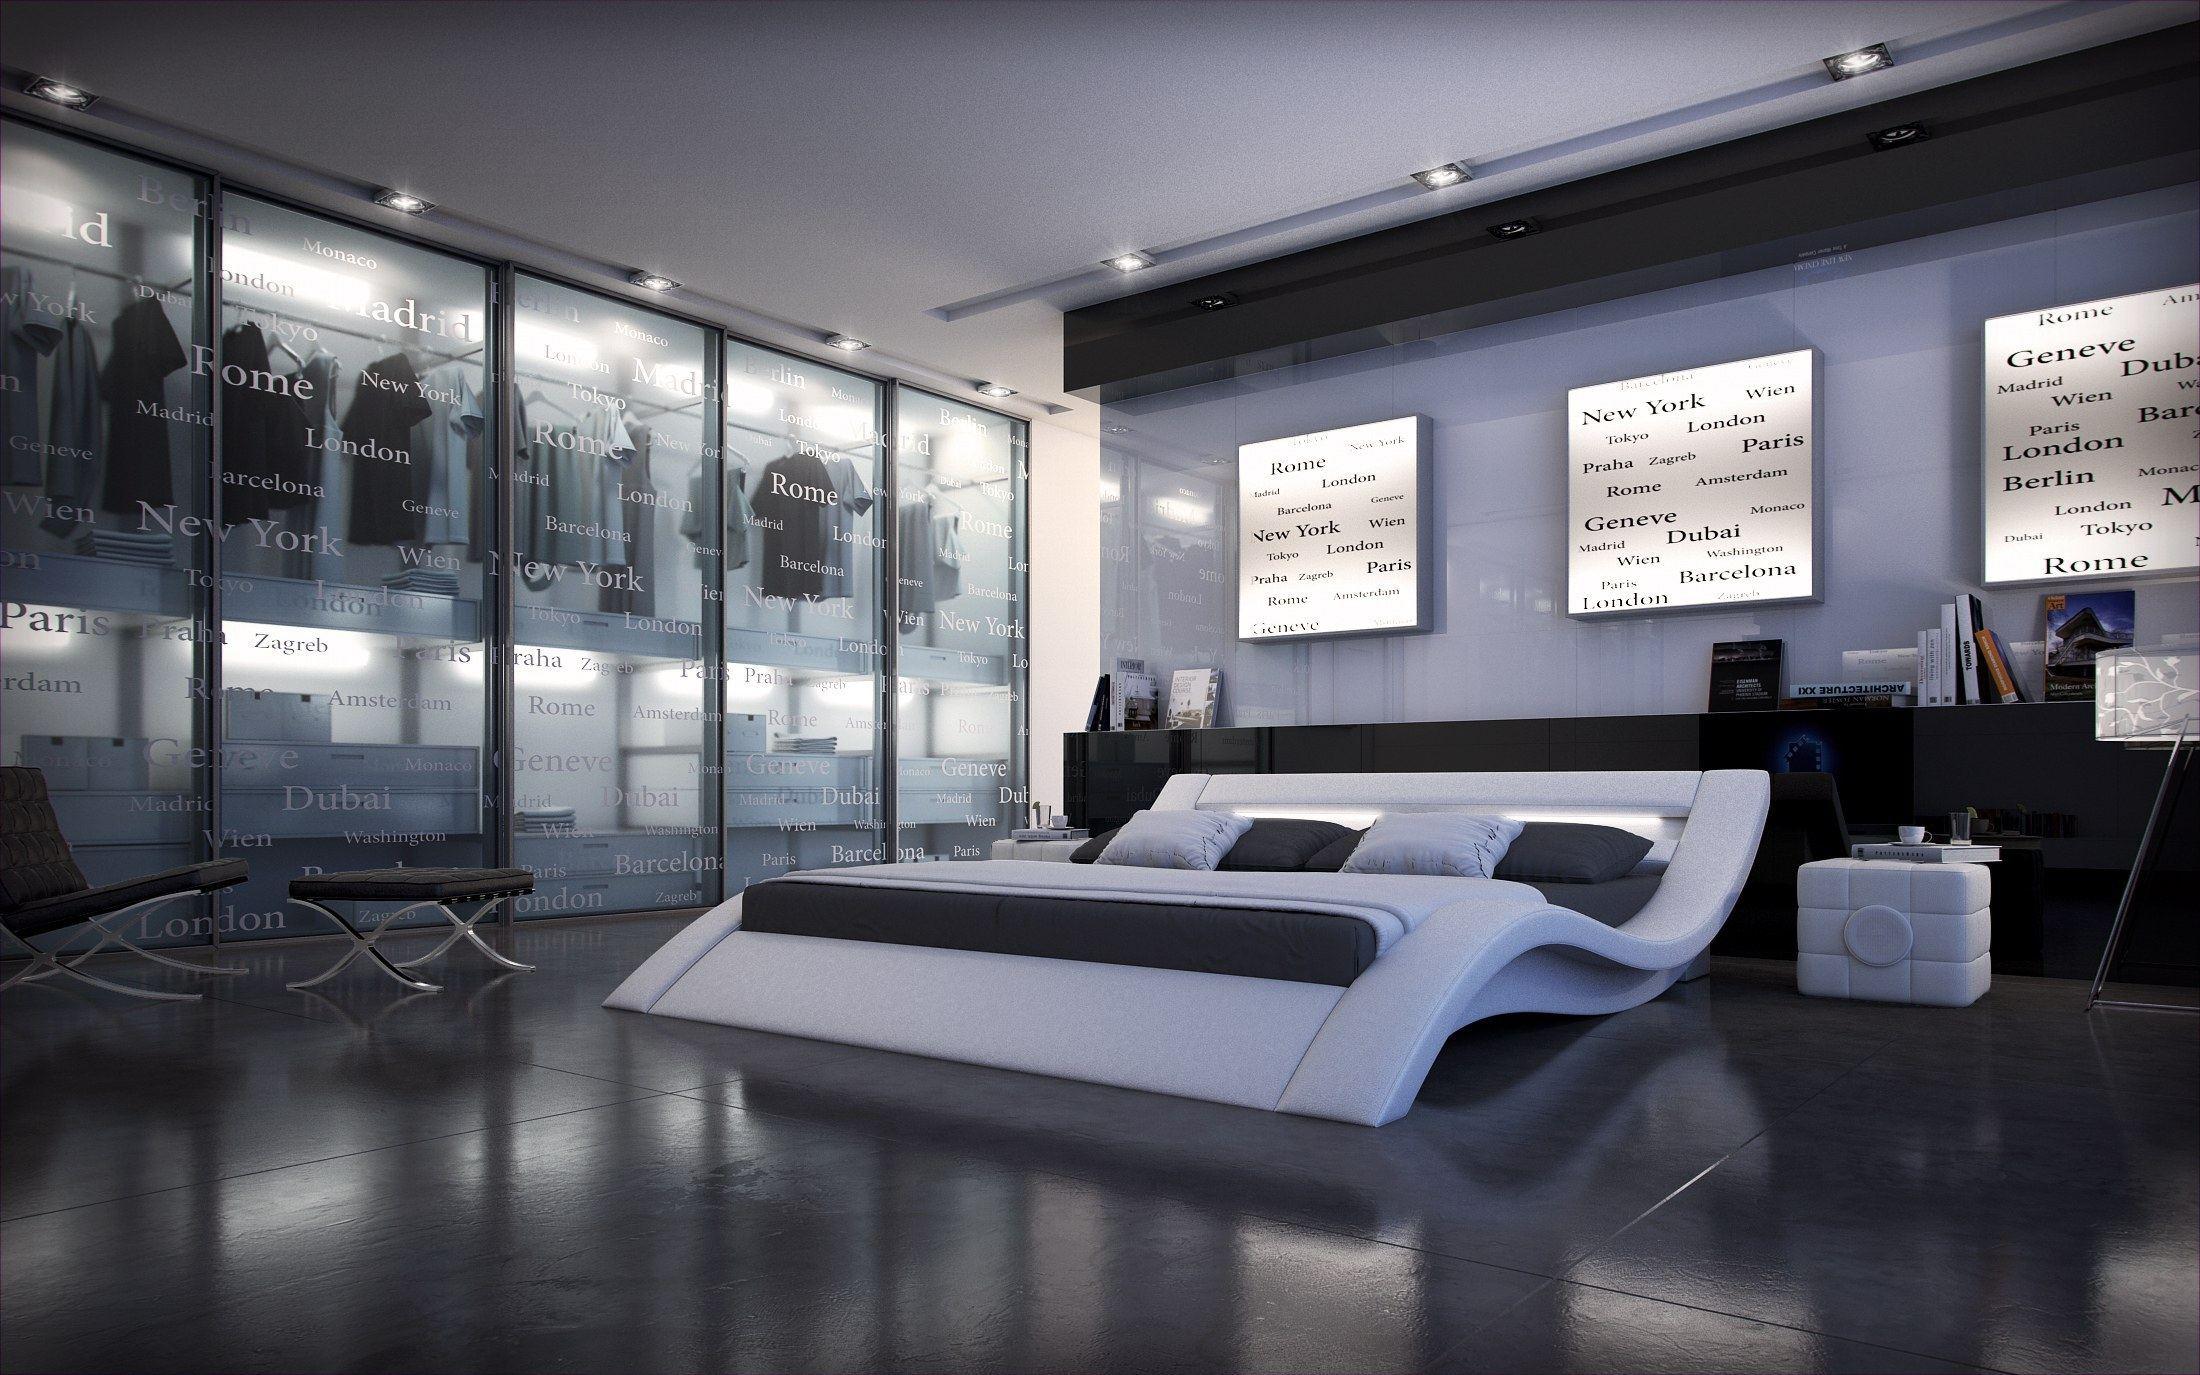 Full Size of Innocent Bett Polsterbett Designerbett Luxusbett Design Doppelbett Flach Kopfteil Ausgefallene Betten überlänge 190x90 Mit Aufbewahrung Podest Schwebendes Wohnzimmer Innocent Bett